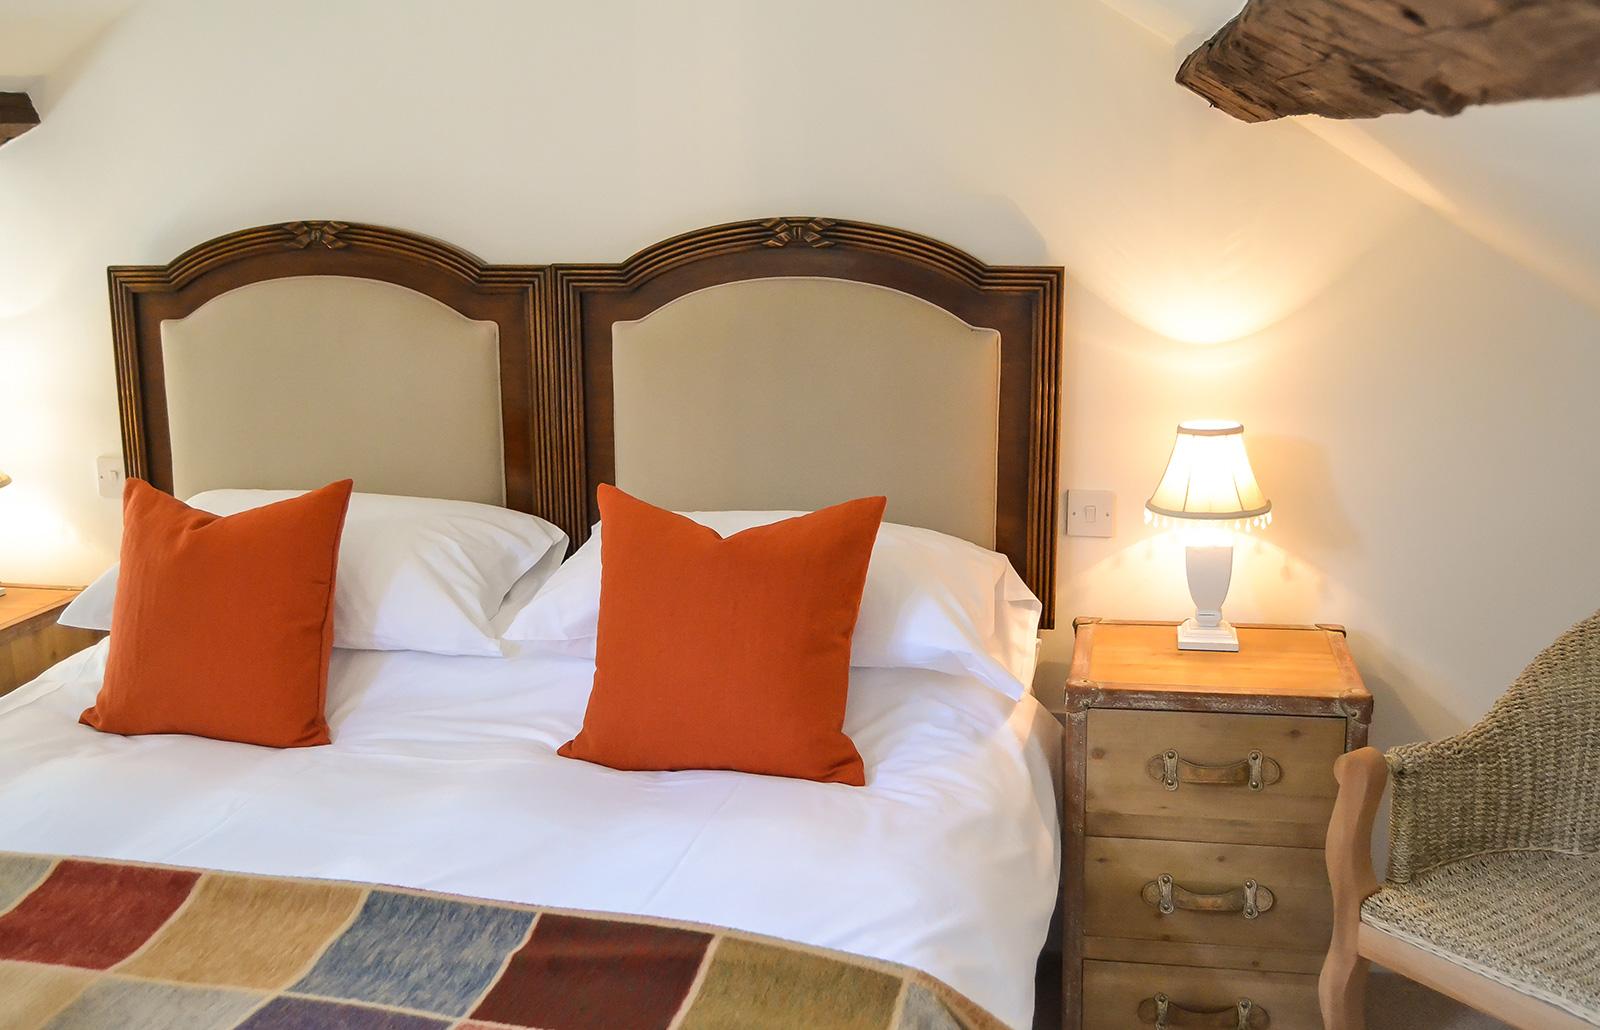 Hayloft-Room-Bed-Breakfast-Bang-in-Wells-Norfolk